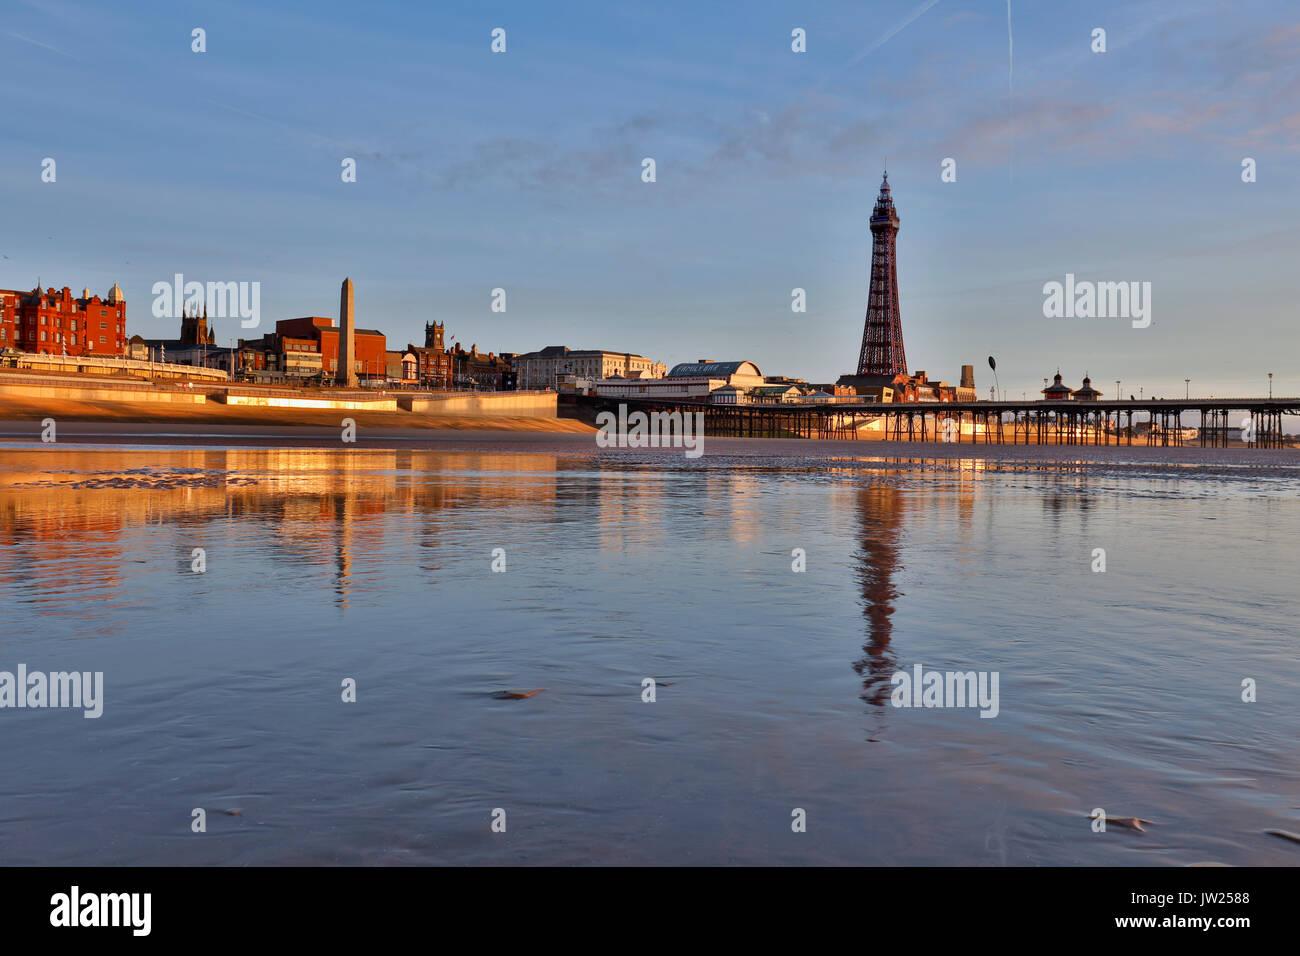 Blackpool; Turm; Küste; Lancashire, Großbritannien Stockbild